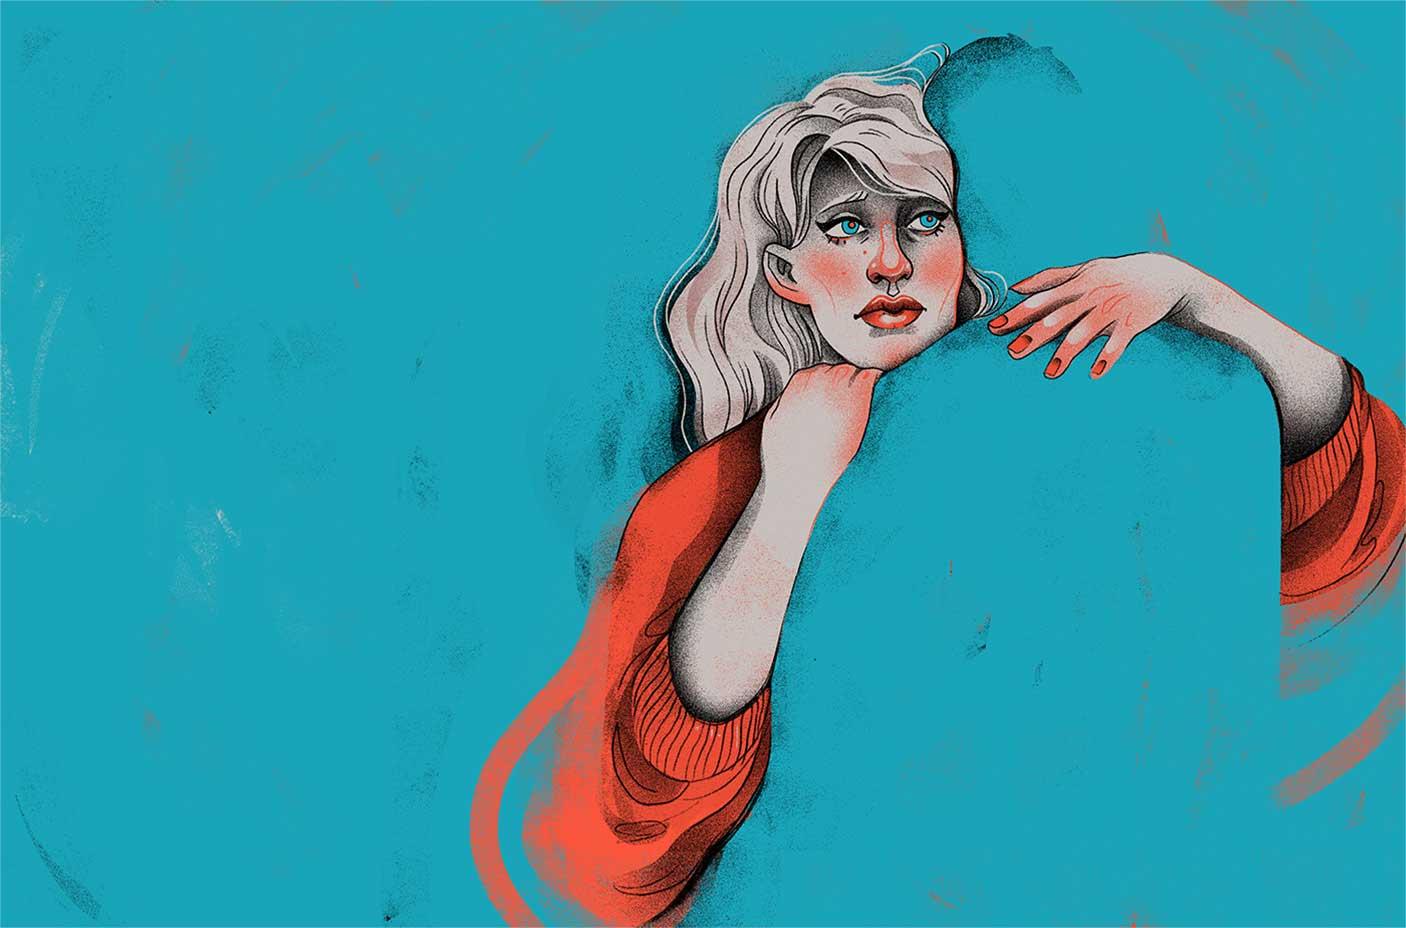 Neue Editorial-Illustrationen von Iza Dudzik Iza-Dudzik-illustration-2020_04